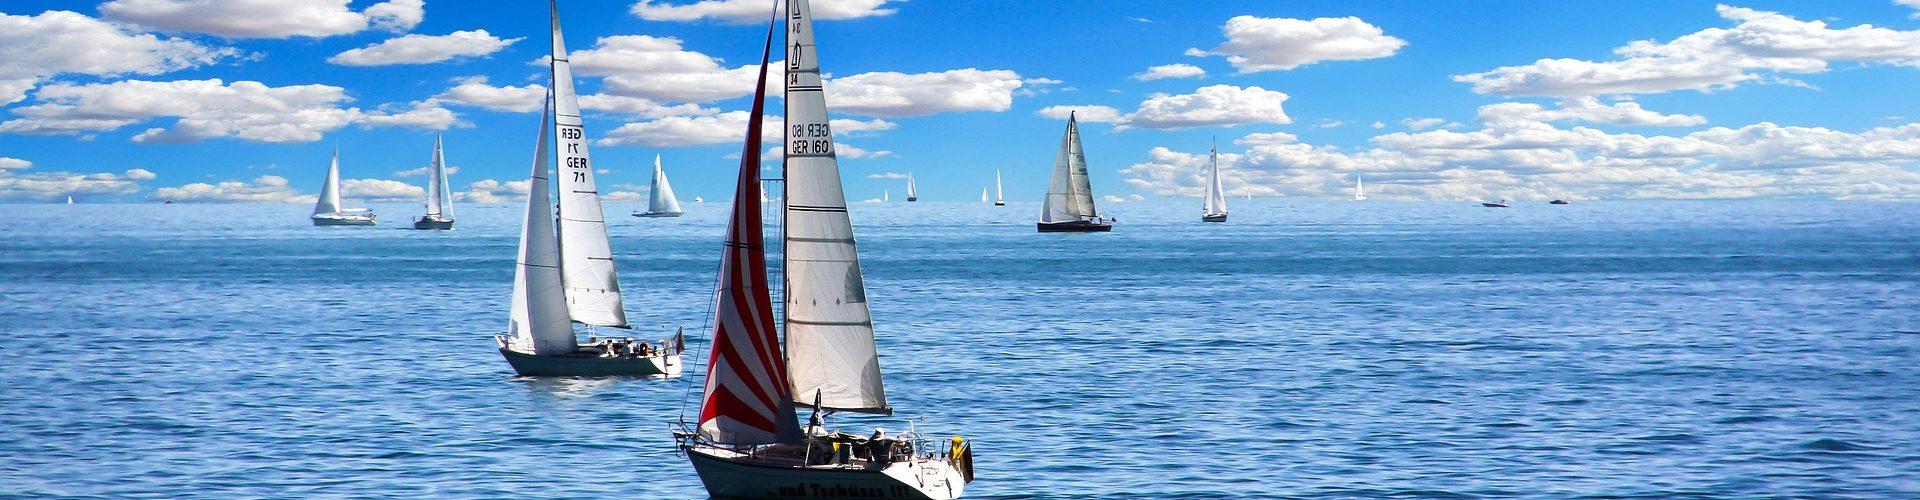 segeln lernen in Vechelde segelschein machen in Vechelde 1920x500 - Segeln lernen in Vechelde